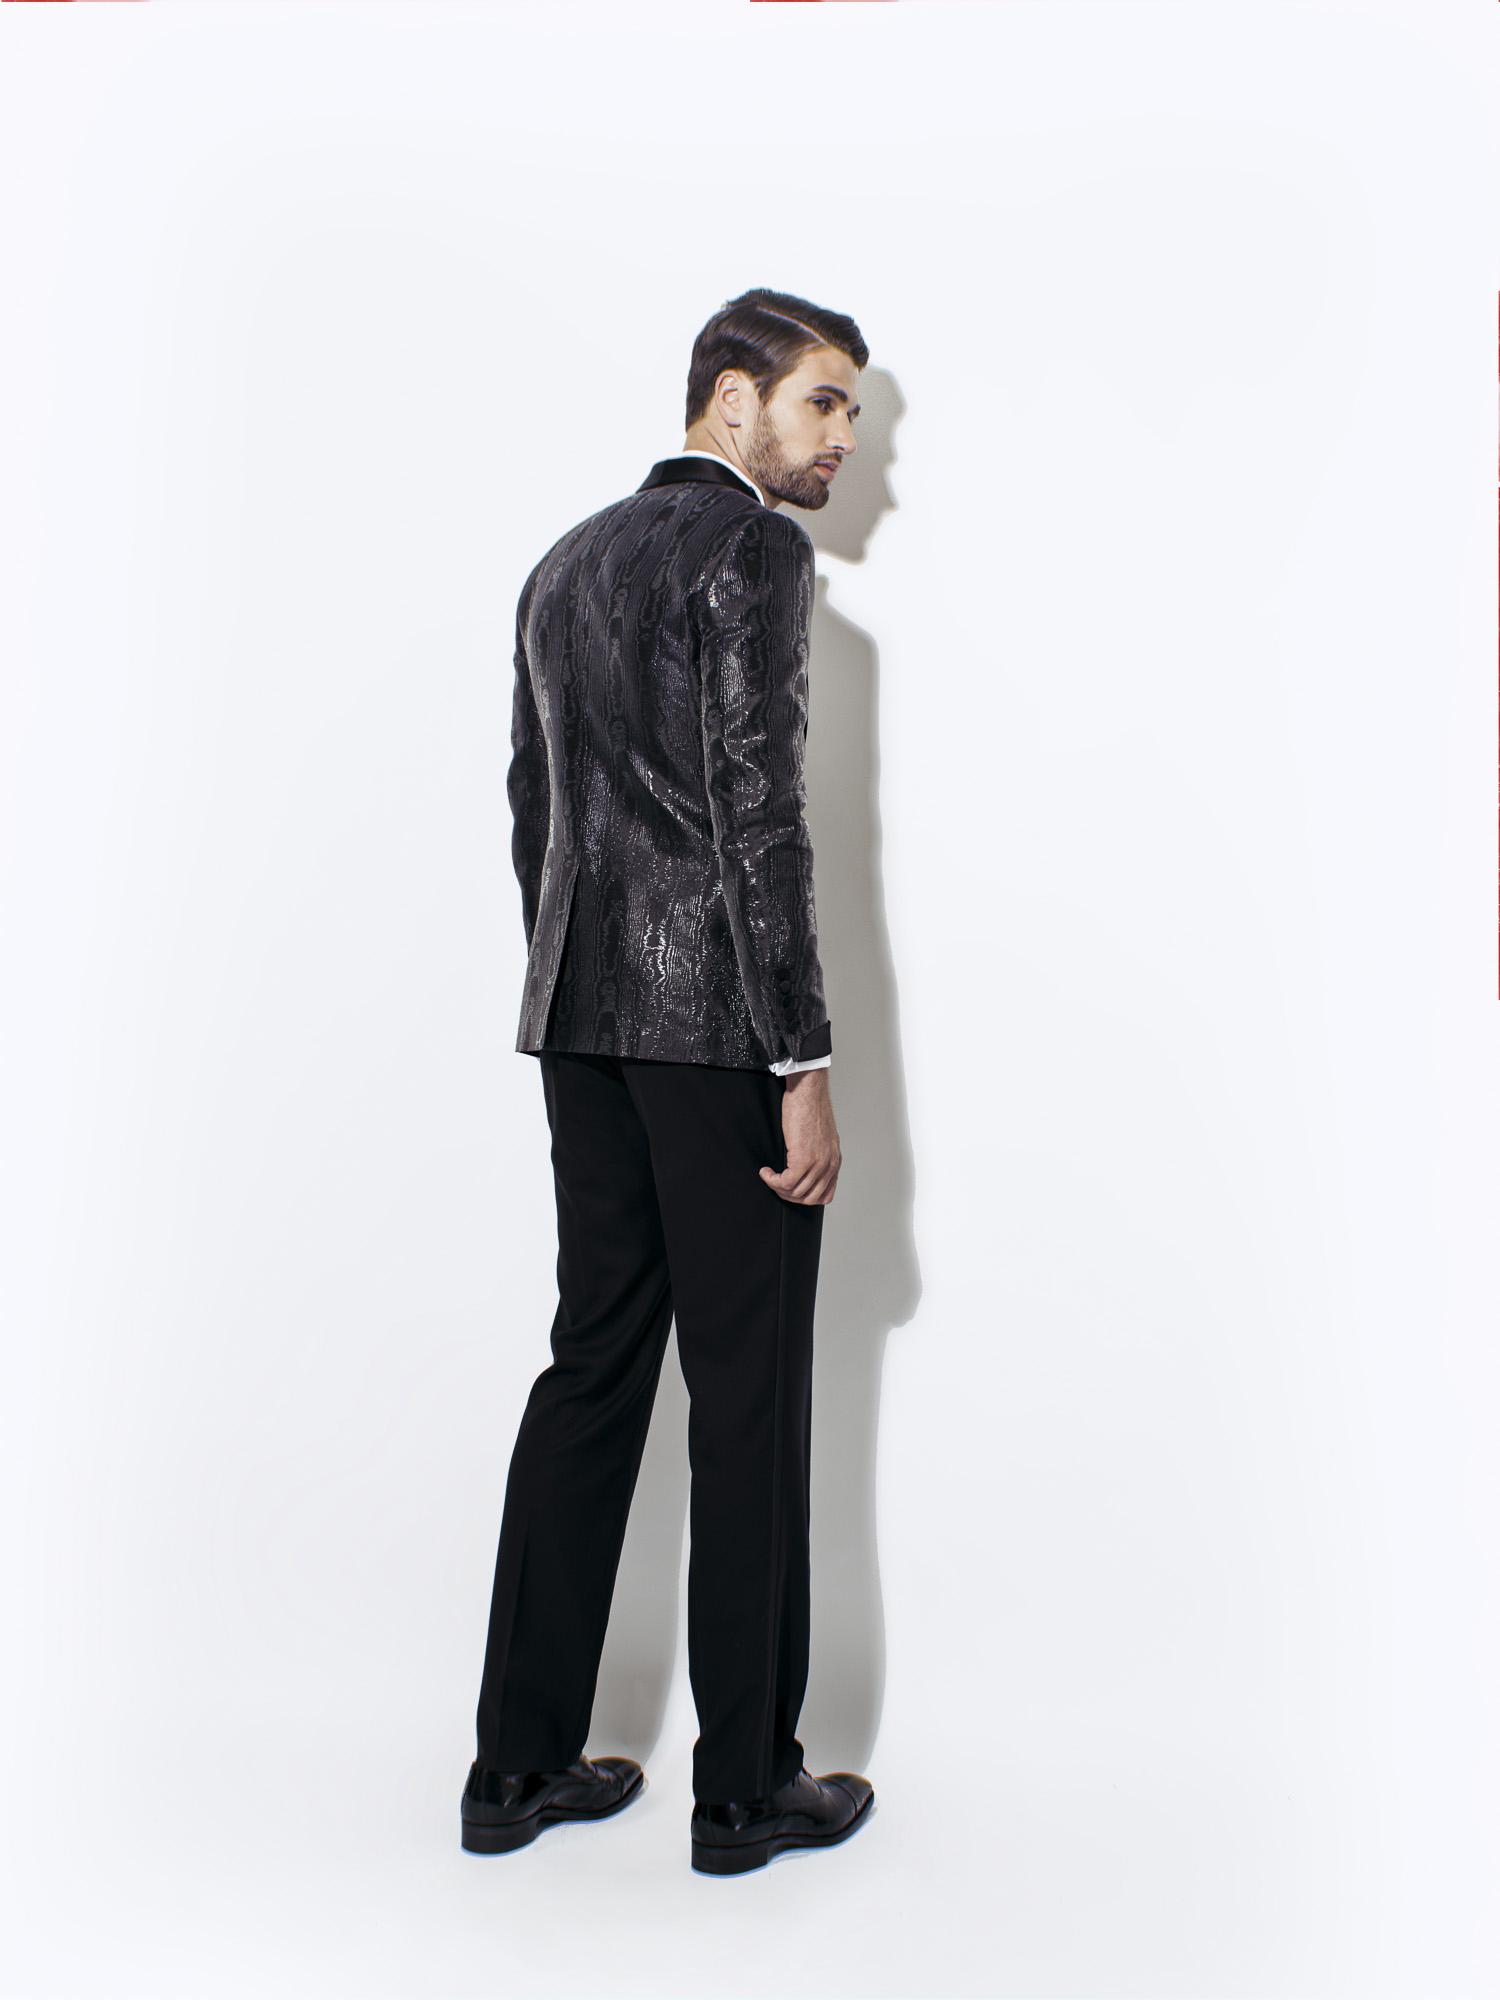 Fashion photography studio singapore services asia photographer photoshoot model jacket deboneire jose jeuland 9